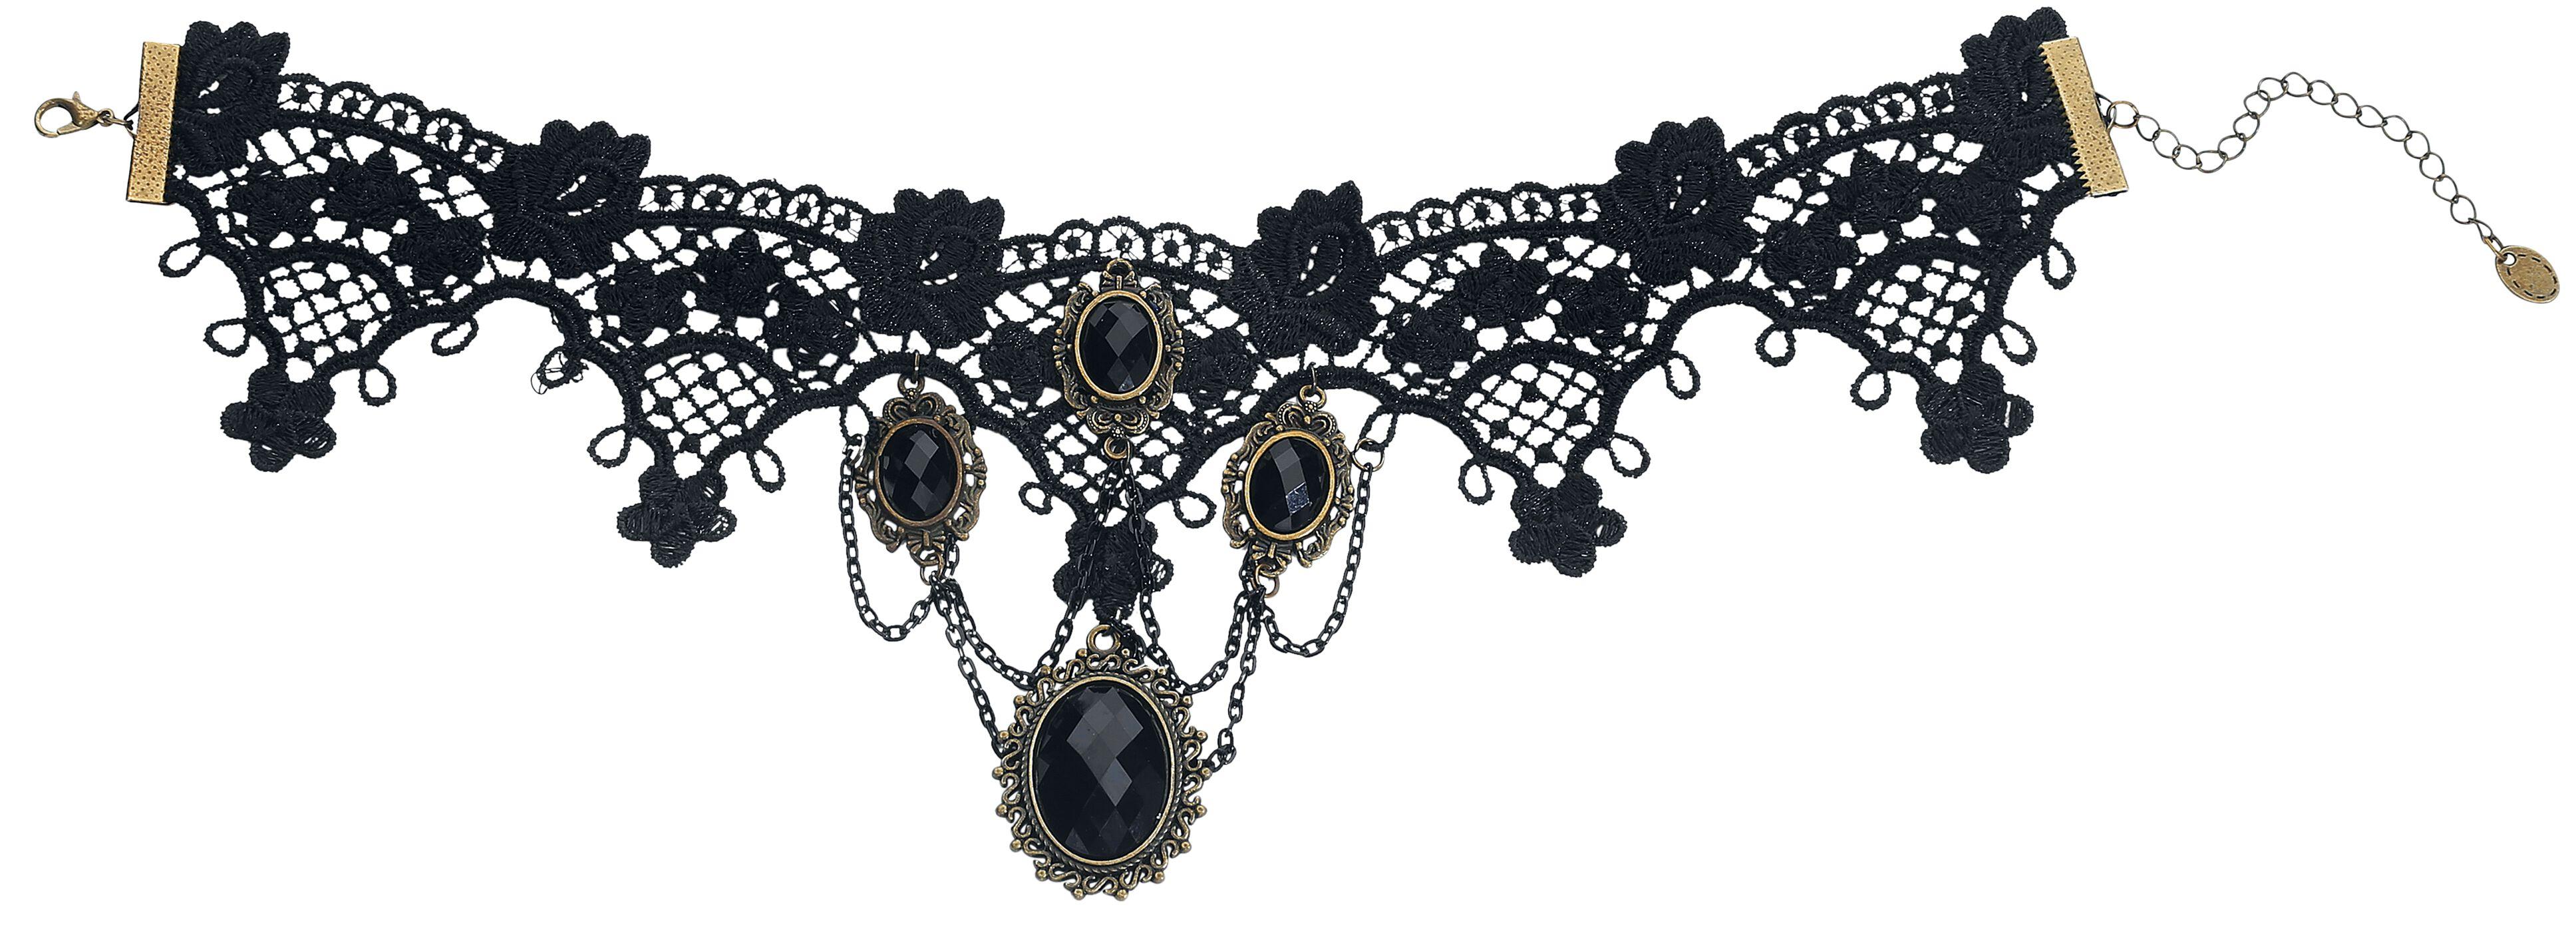 Fun & Trends - Naszyjniki - Naszyjnik Gothic Choker 4 Diamonds Naszyjnik standard - 336366